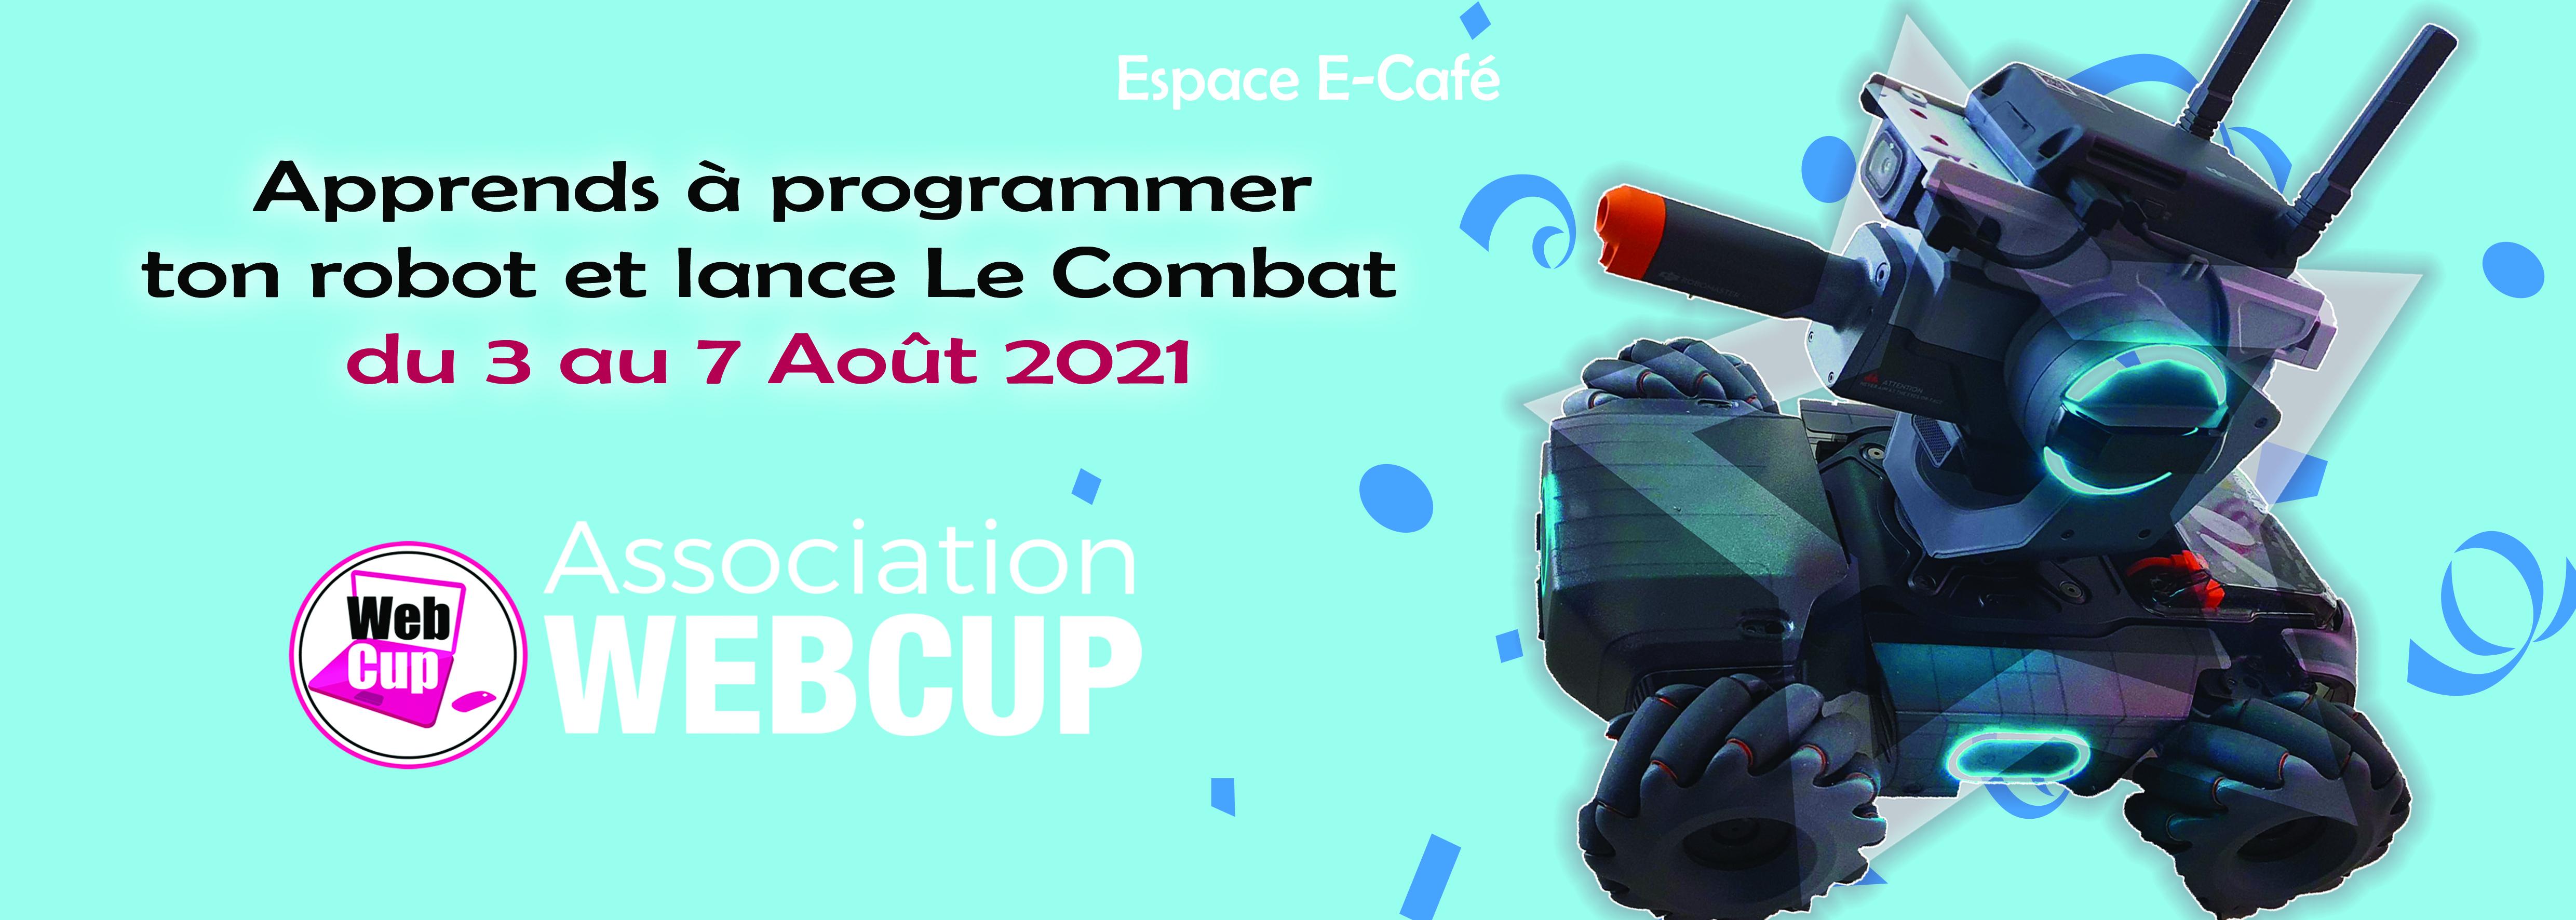 Apprends à programmer ton robot !, avec l'association Webcup |